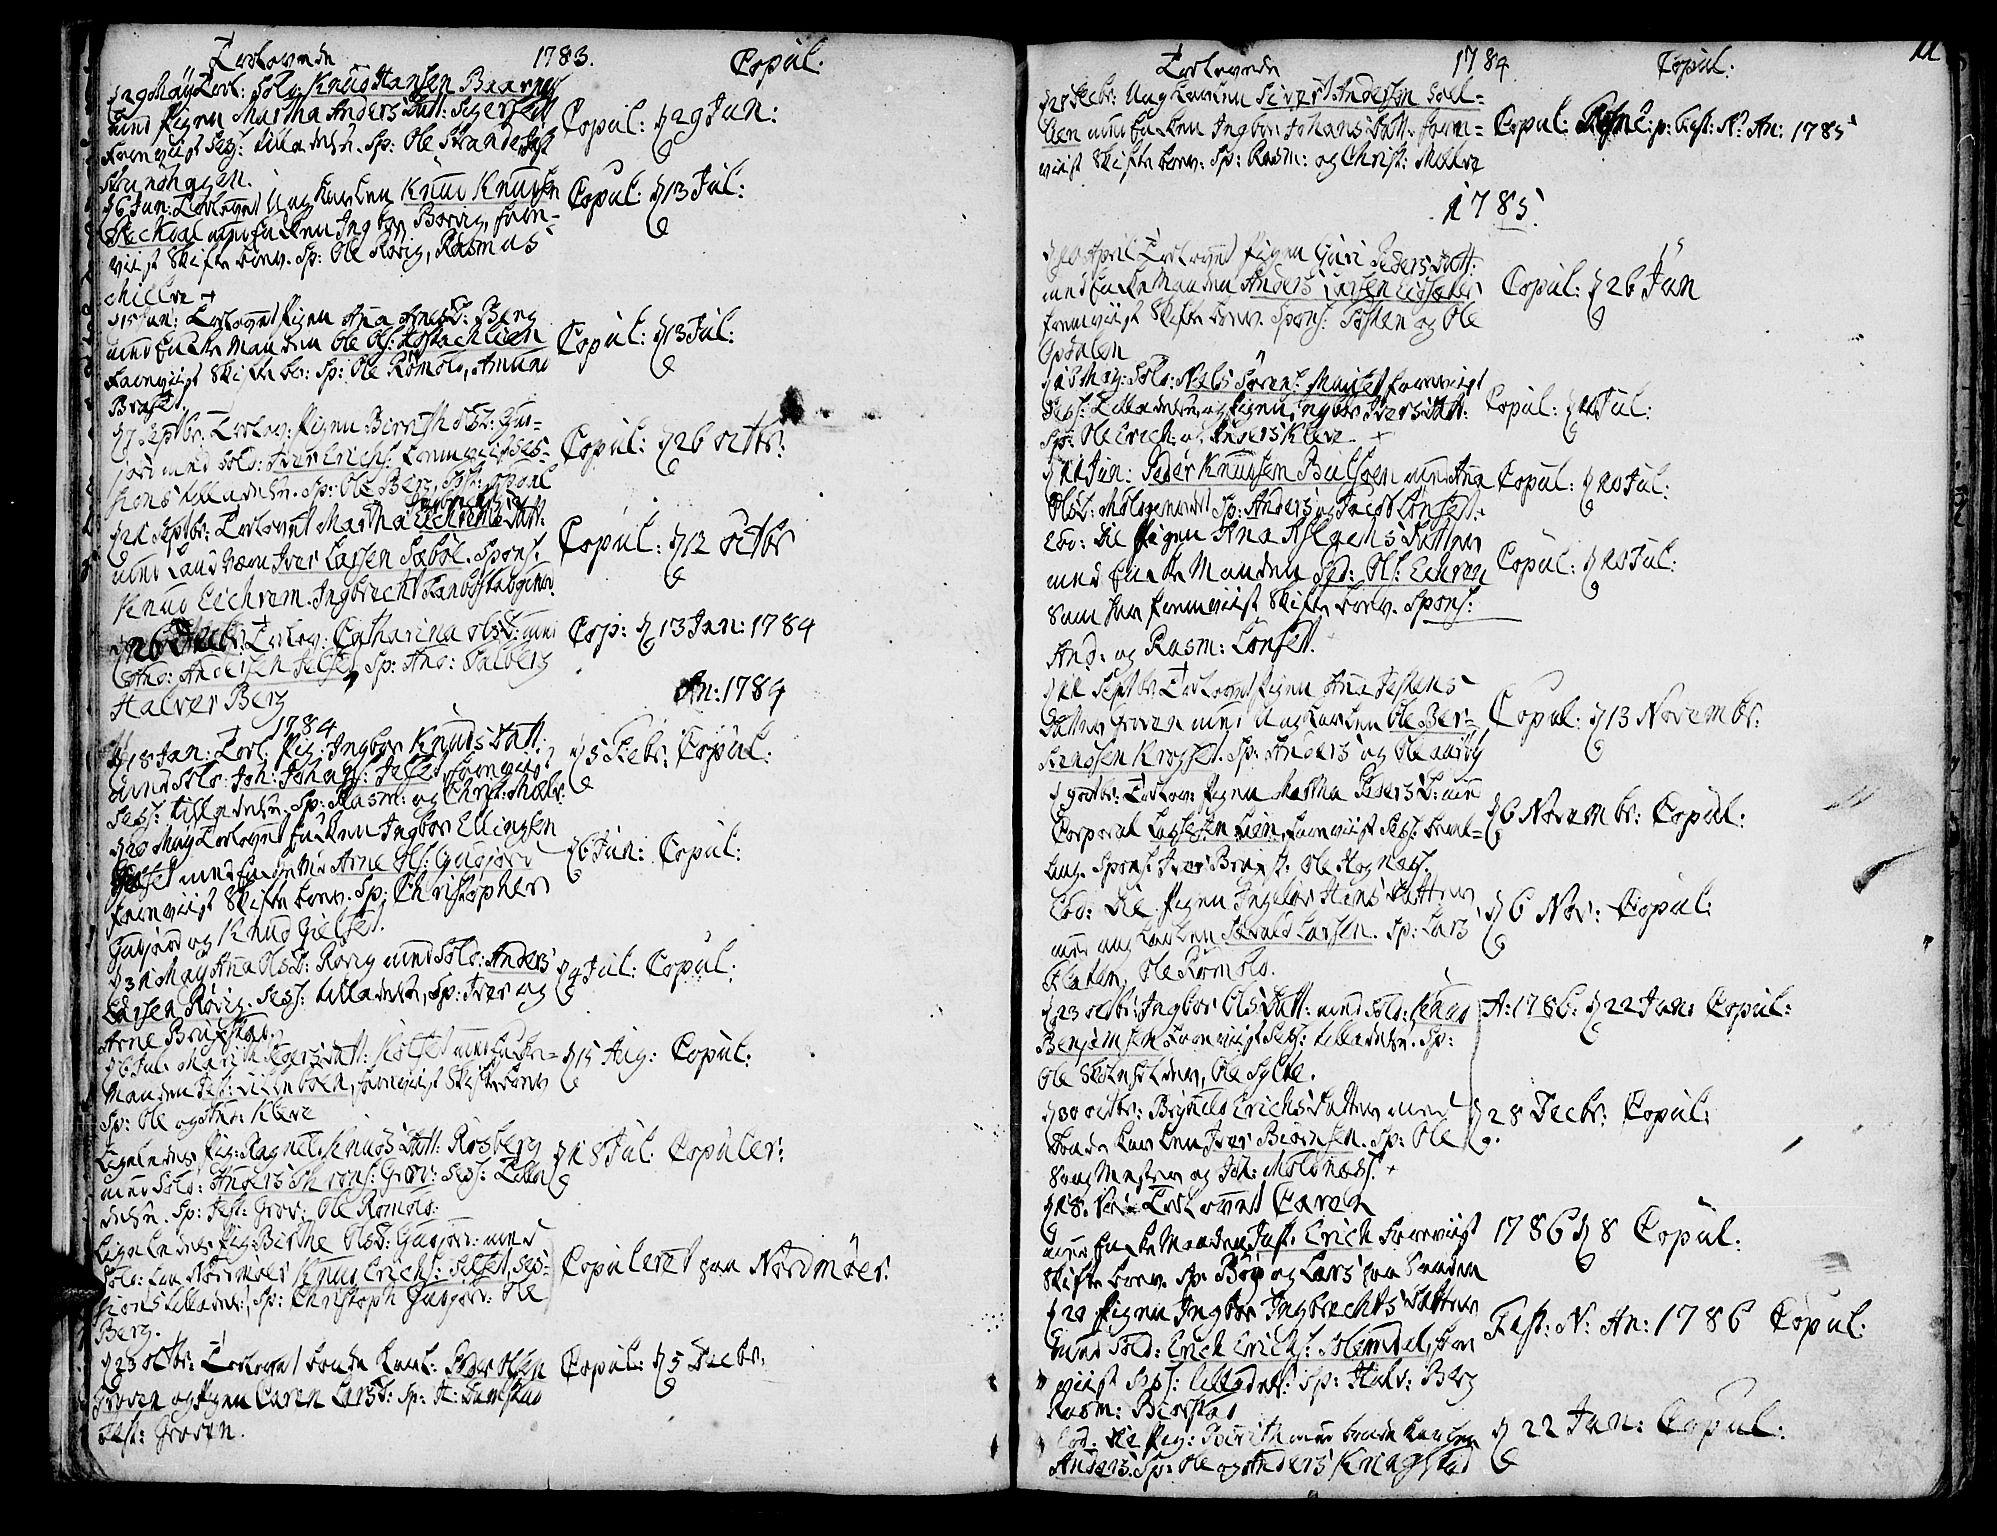 SAT, Ministerialprotokoller, klokkerbøker og fødselsregistre - Møre og Romsdal, 555/L0648: Ministerialbok nr. 555A01, 1759-1793, s. 11